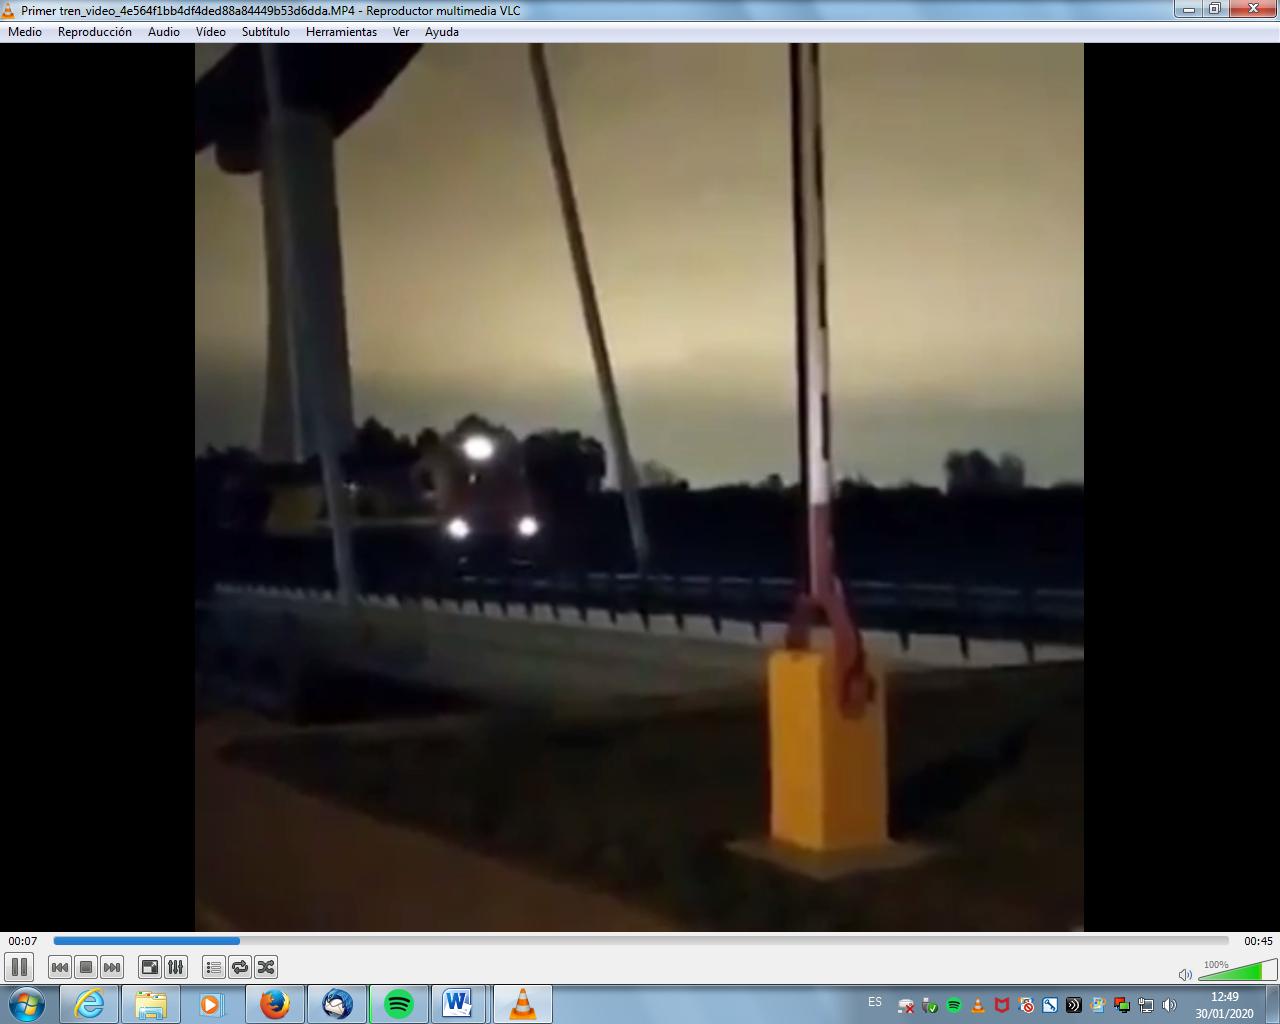 Primer tren que cruza el puente de la nueva Esclusa en el río Guadalquivir